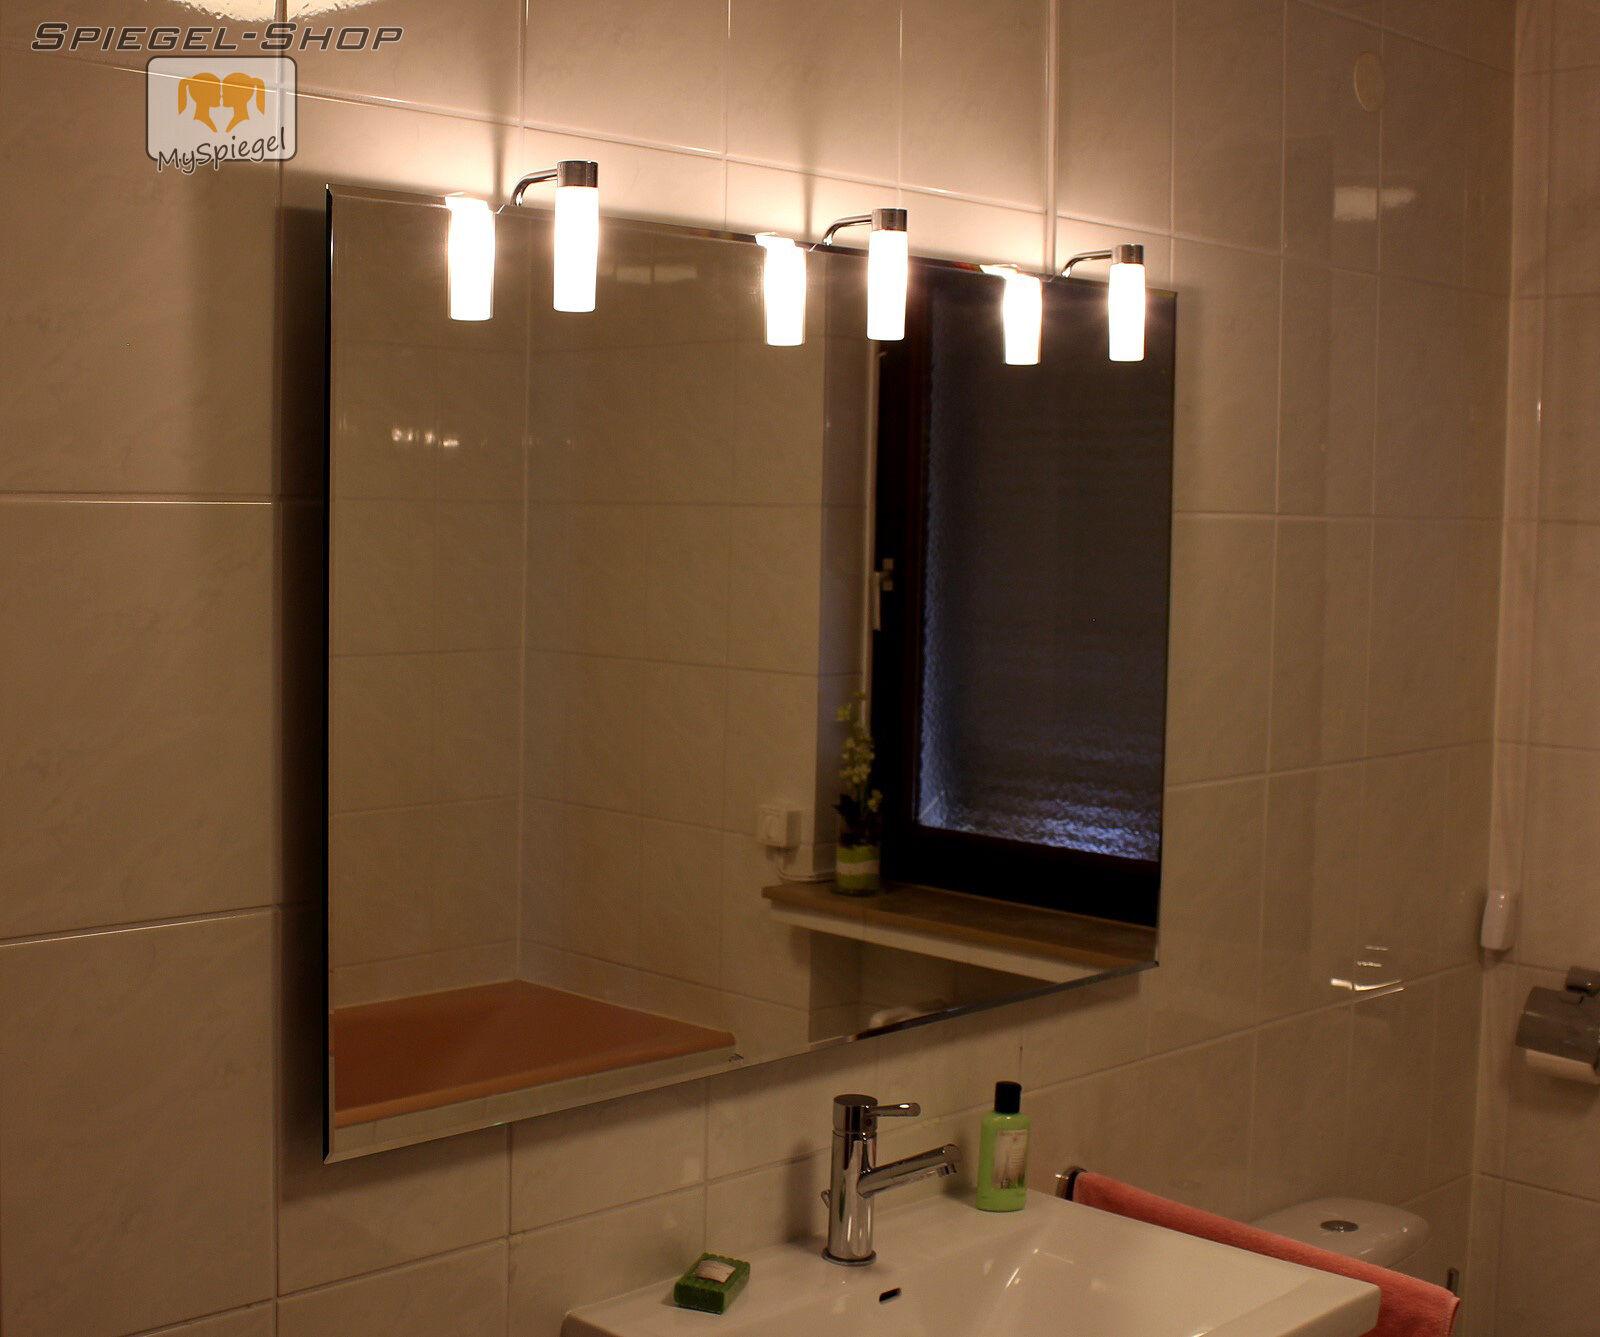 ALTA LED BADSPIEGEL LEUCHTSPIEGEL MIT STEILFACETTE 140x75CM MIT 3 LAMPEN